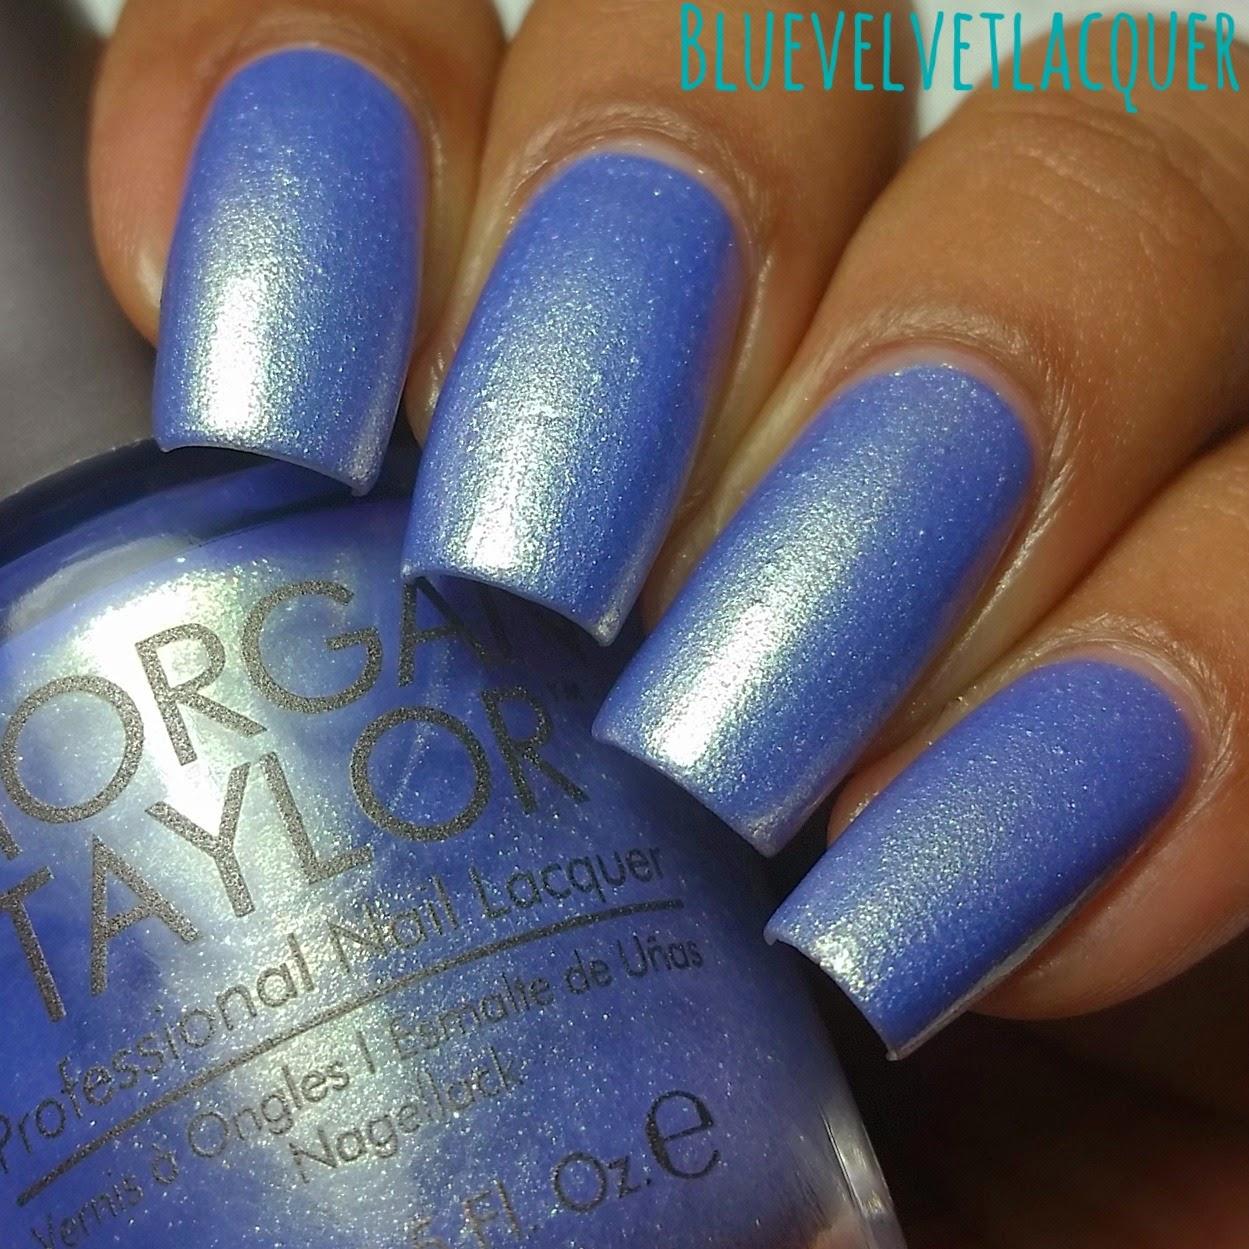 Blue Velvet Lacquer: Morgan Taylor Lacquer: The Cinderella Spring ...